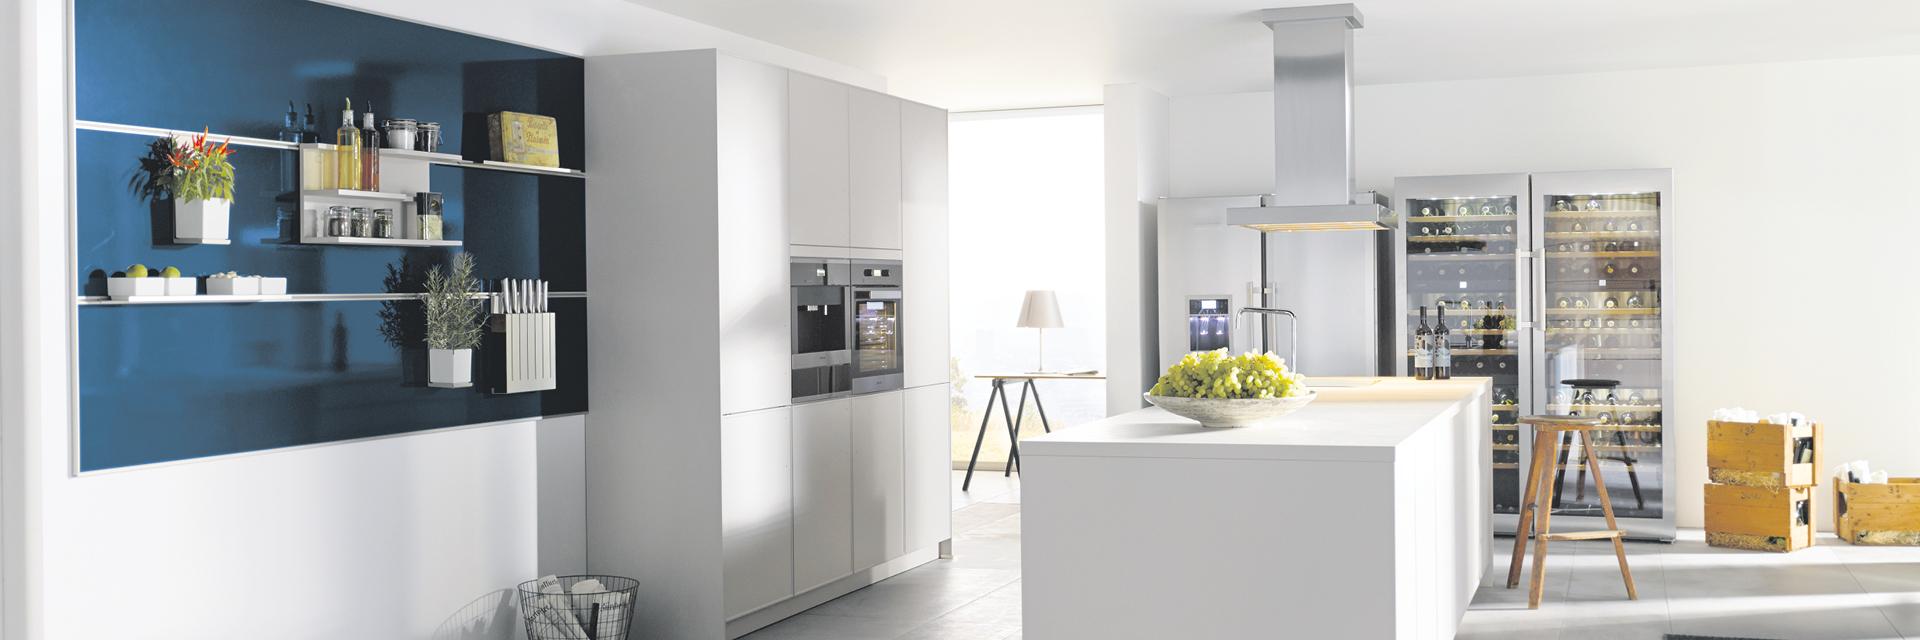 Minimalismus, Küche